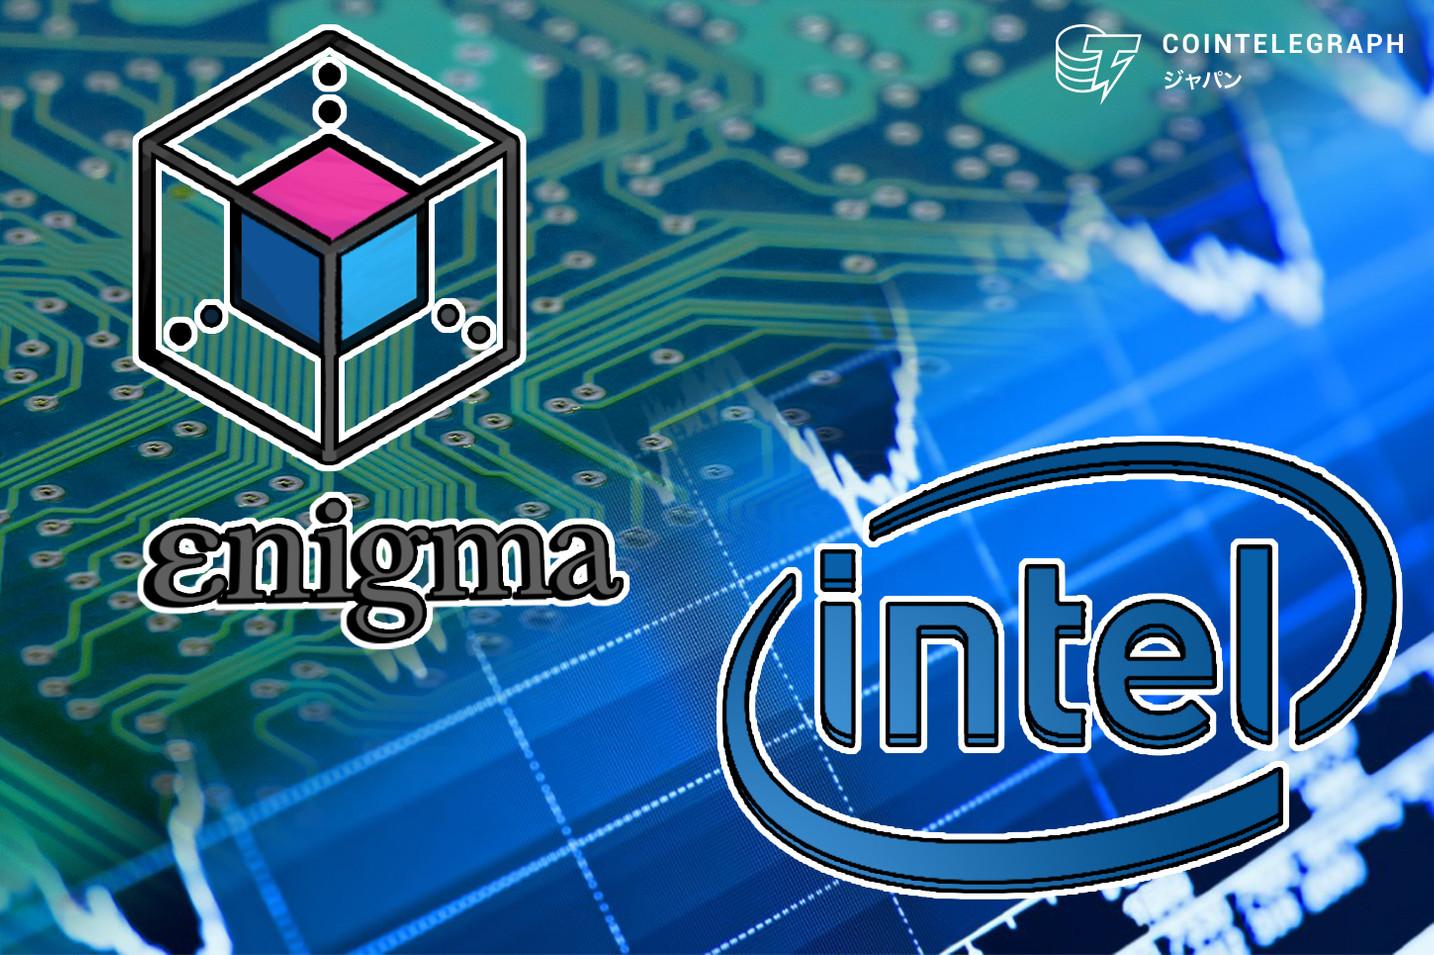 エニグマがインテルと提携、プライバシー保護のコンピューティング技術の研究開発で